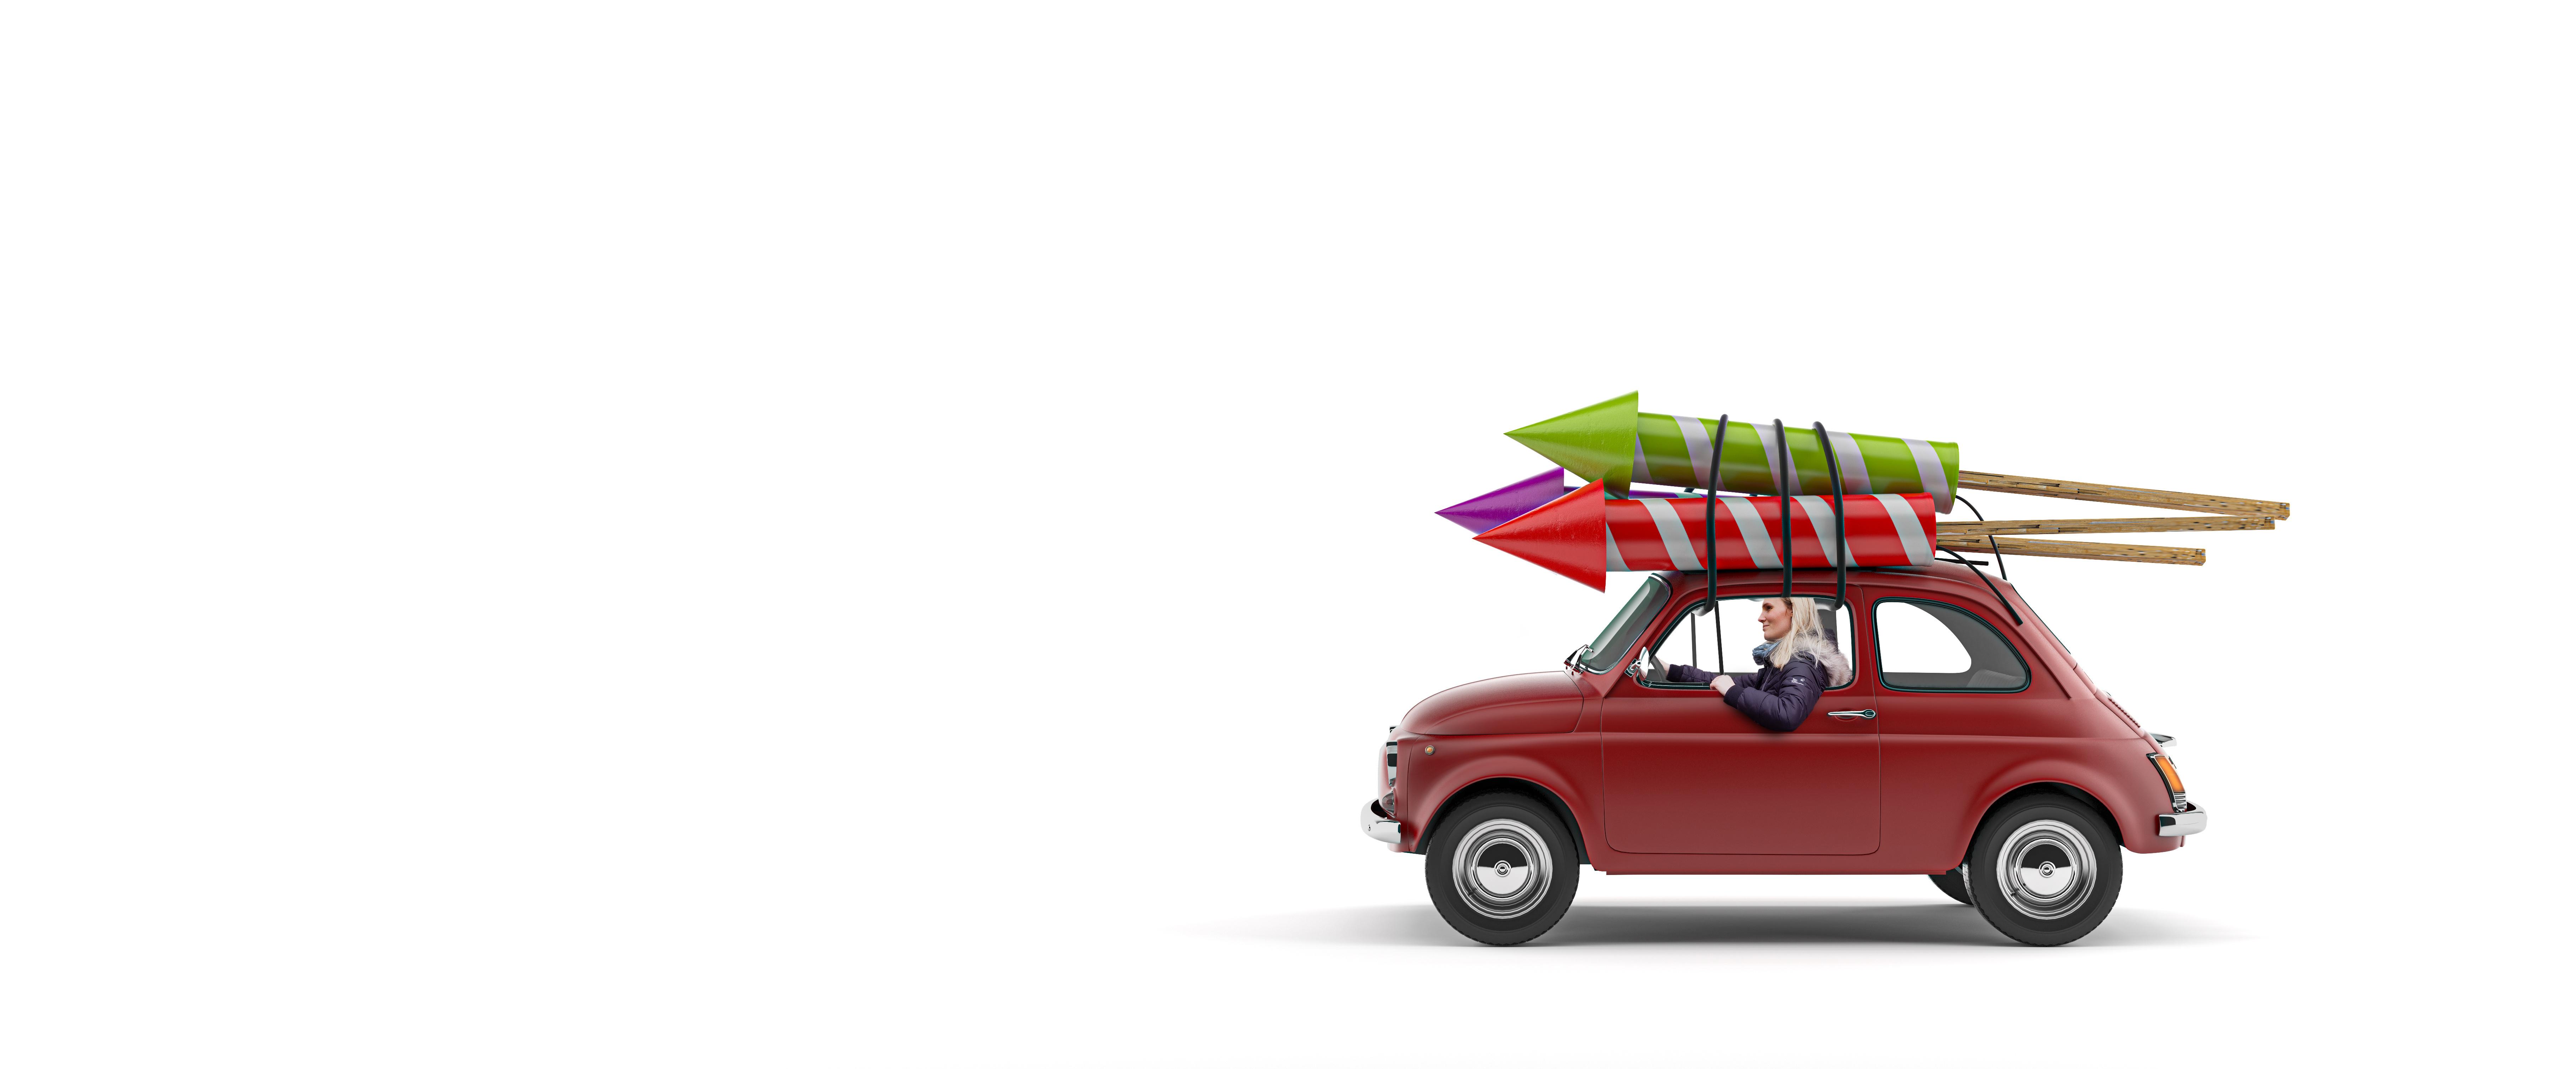 Premium-Karussell Aktivierung direkt über das CAR FOR YOU Händlerportal